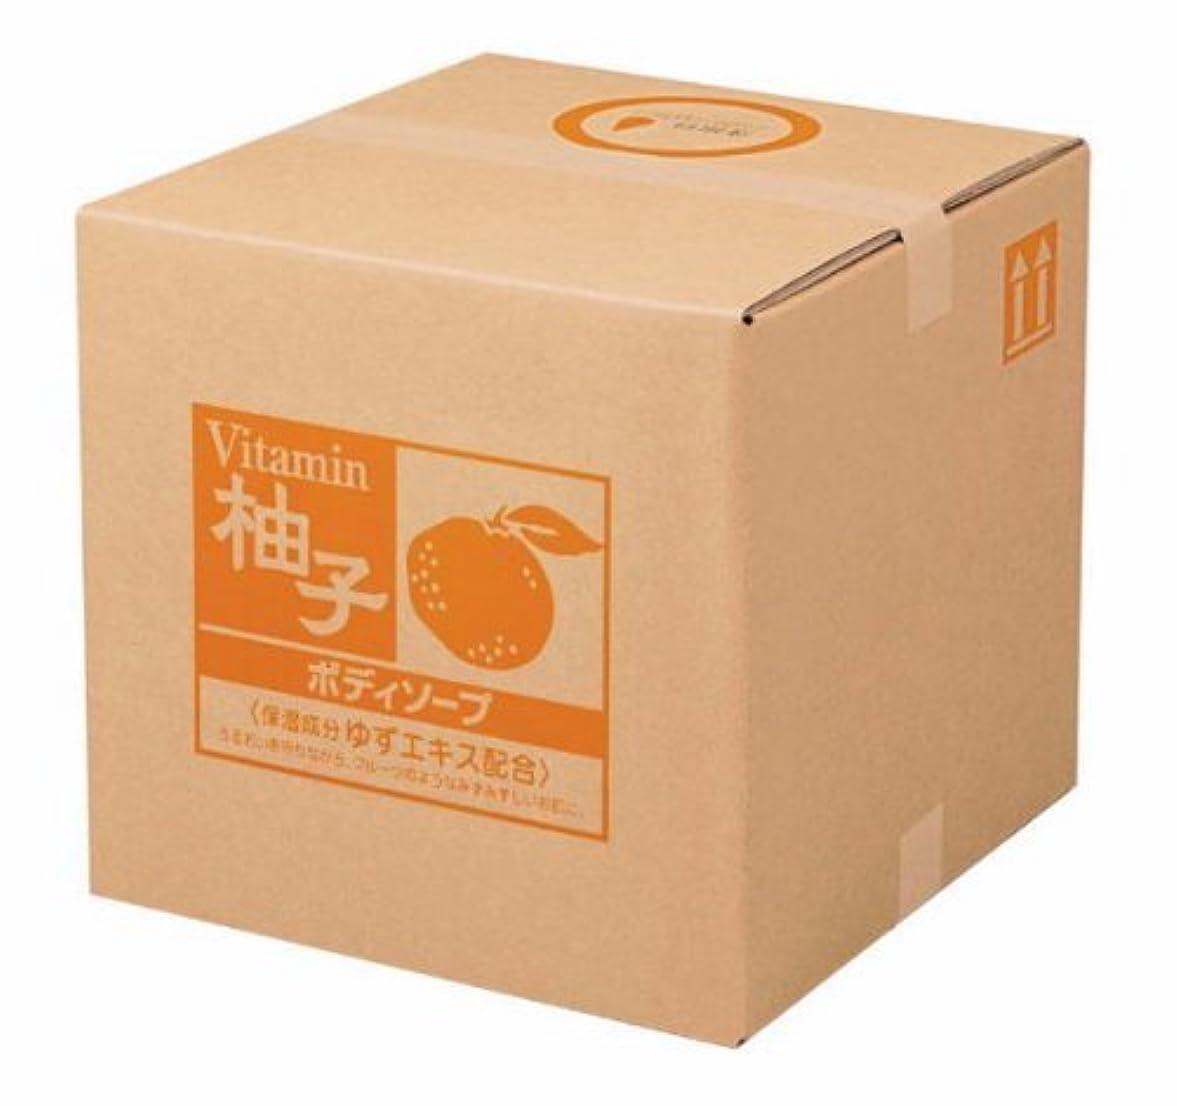 バンク攻撃希望に満ちた熊野油脂 業務用 柚子 ボディソープ 18L